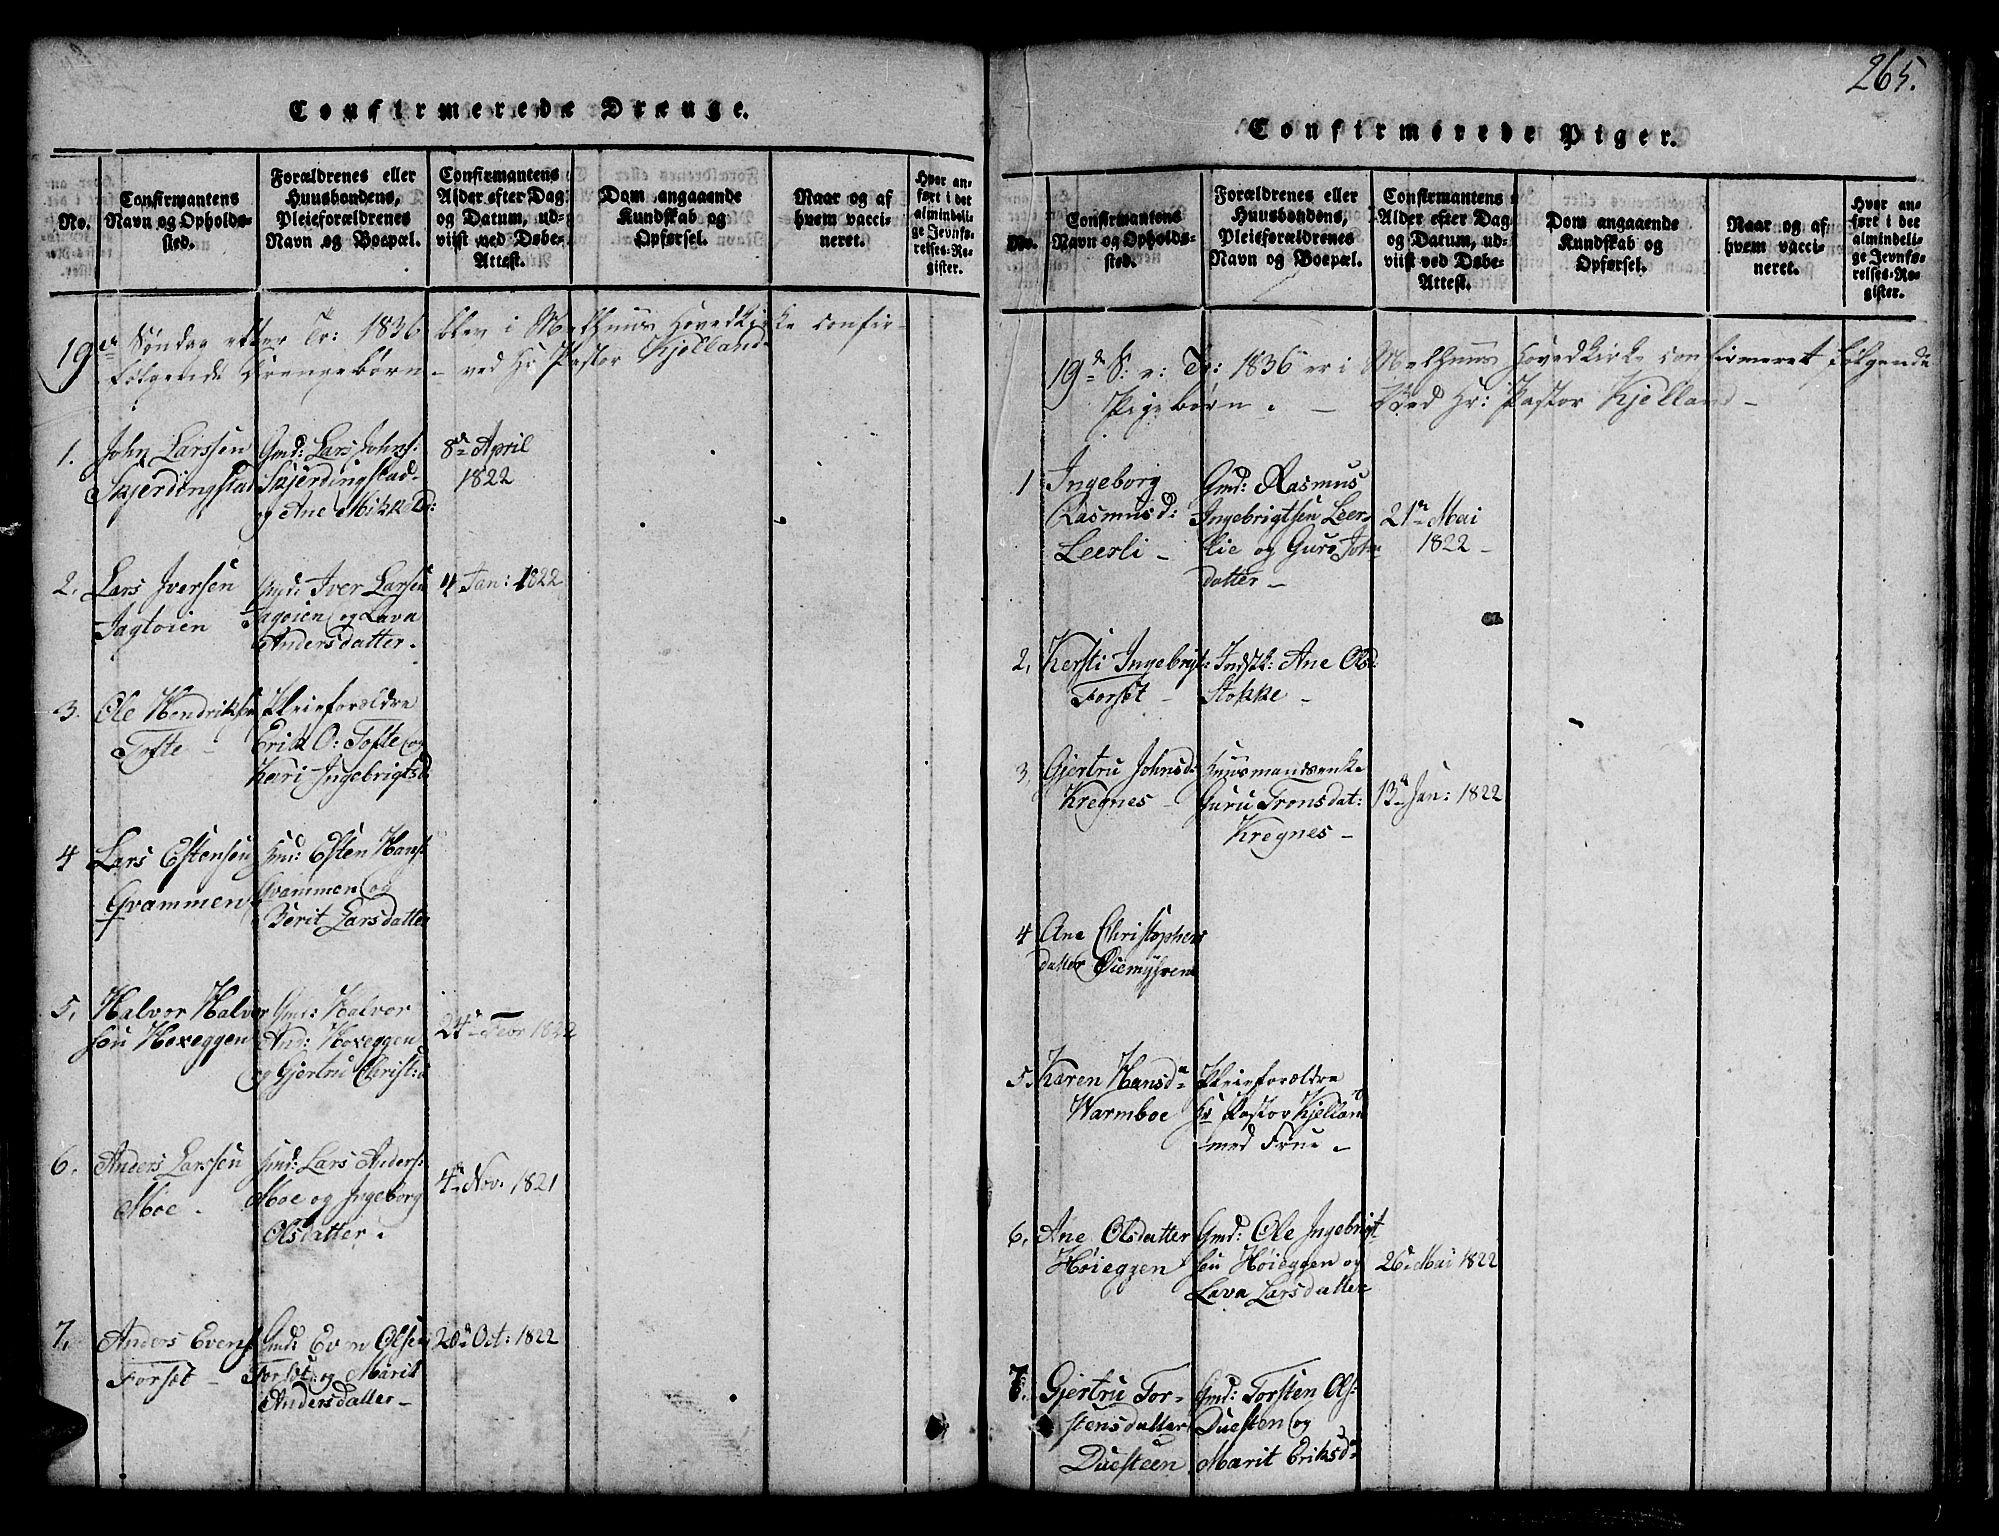 SAT, Ministerialprotokoller, klokkerbøker og fødselsregistre - Sør-Trøndelag, 691/L1092: Klokkerbok nr. 691C03, 1816-1852, s. 265